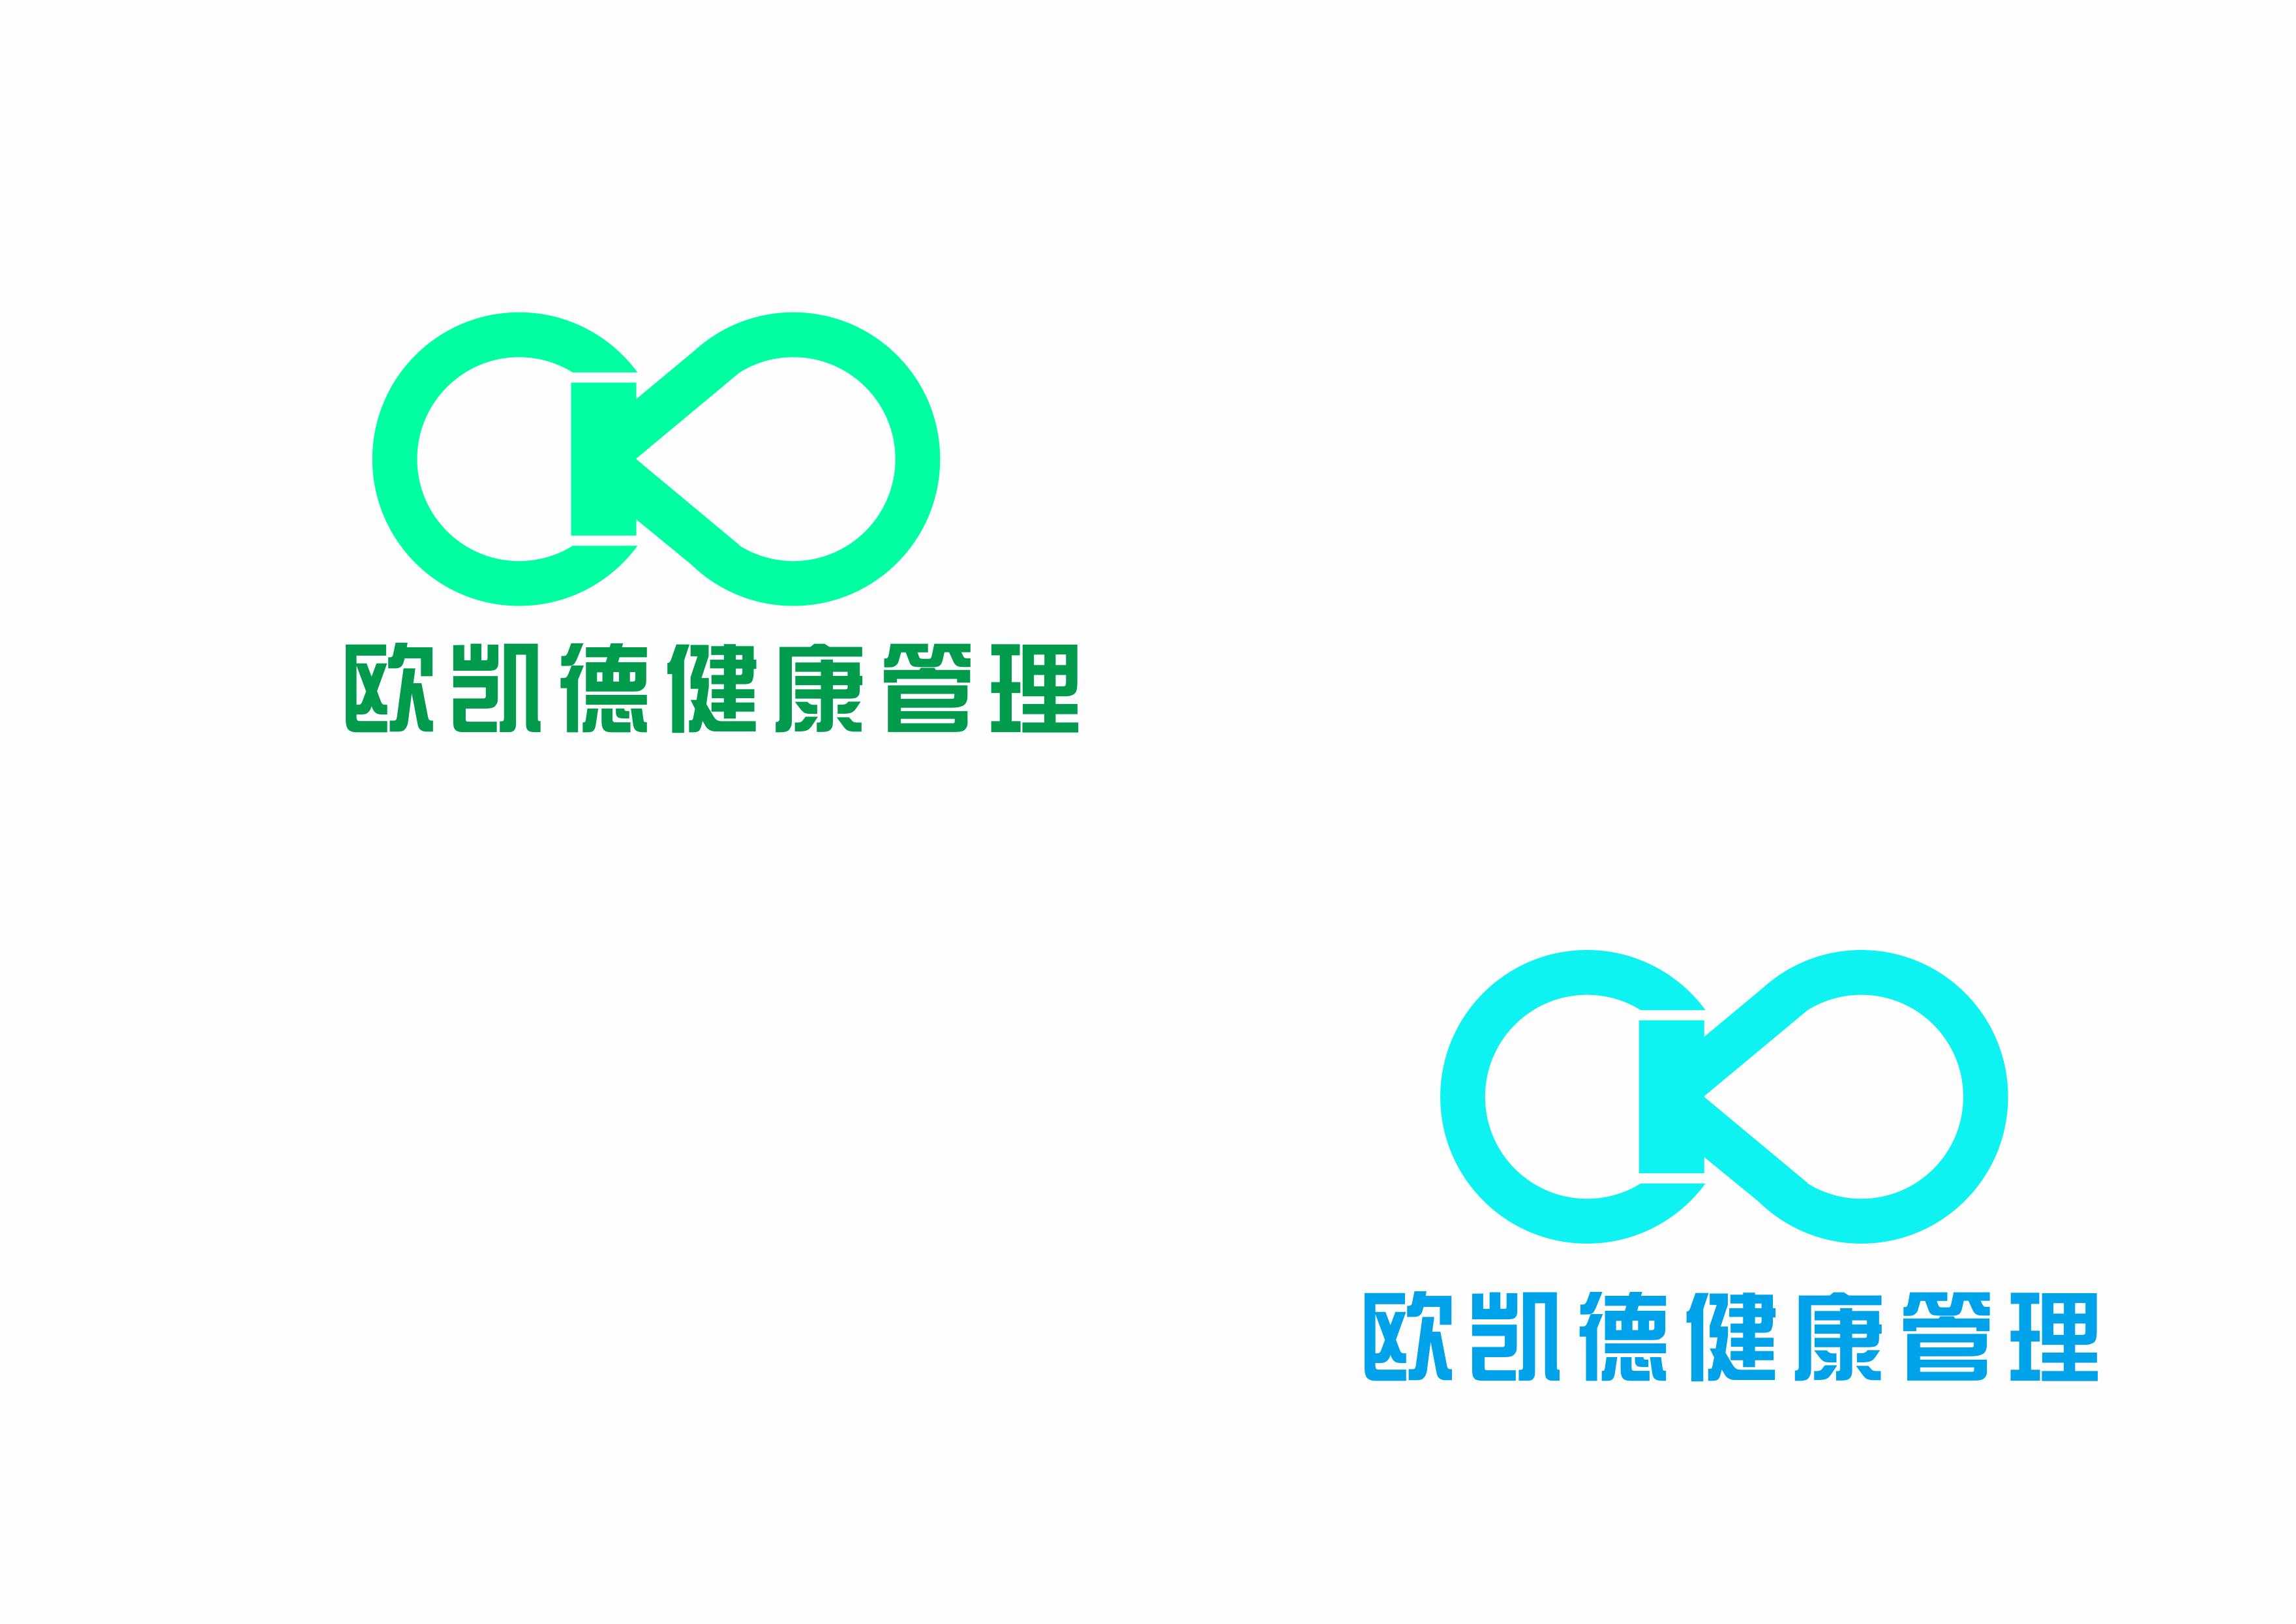 LOGO-logo设计,设计设计-待遇网服务水源北京中建建筑设计院有限公司工资平台图片